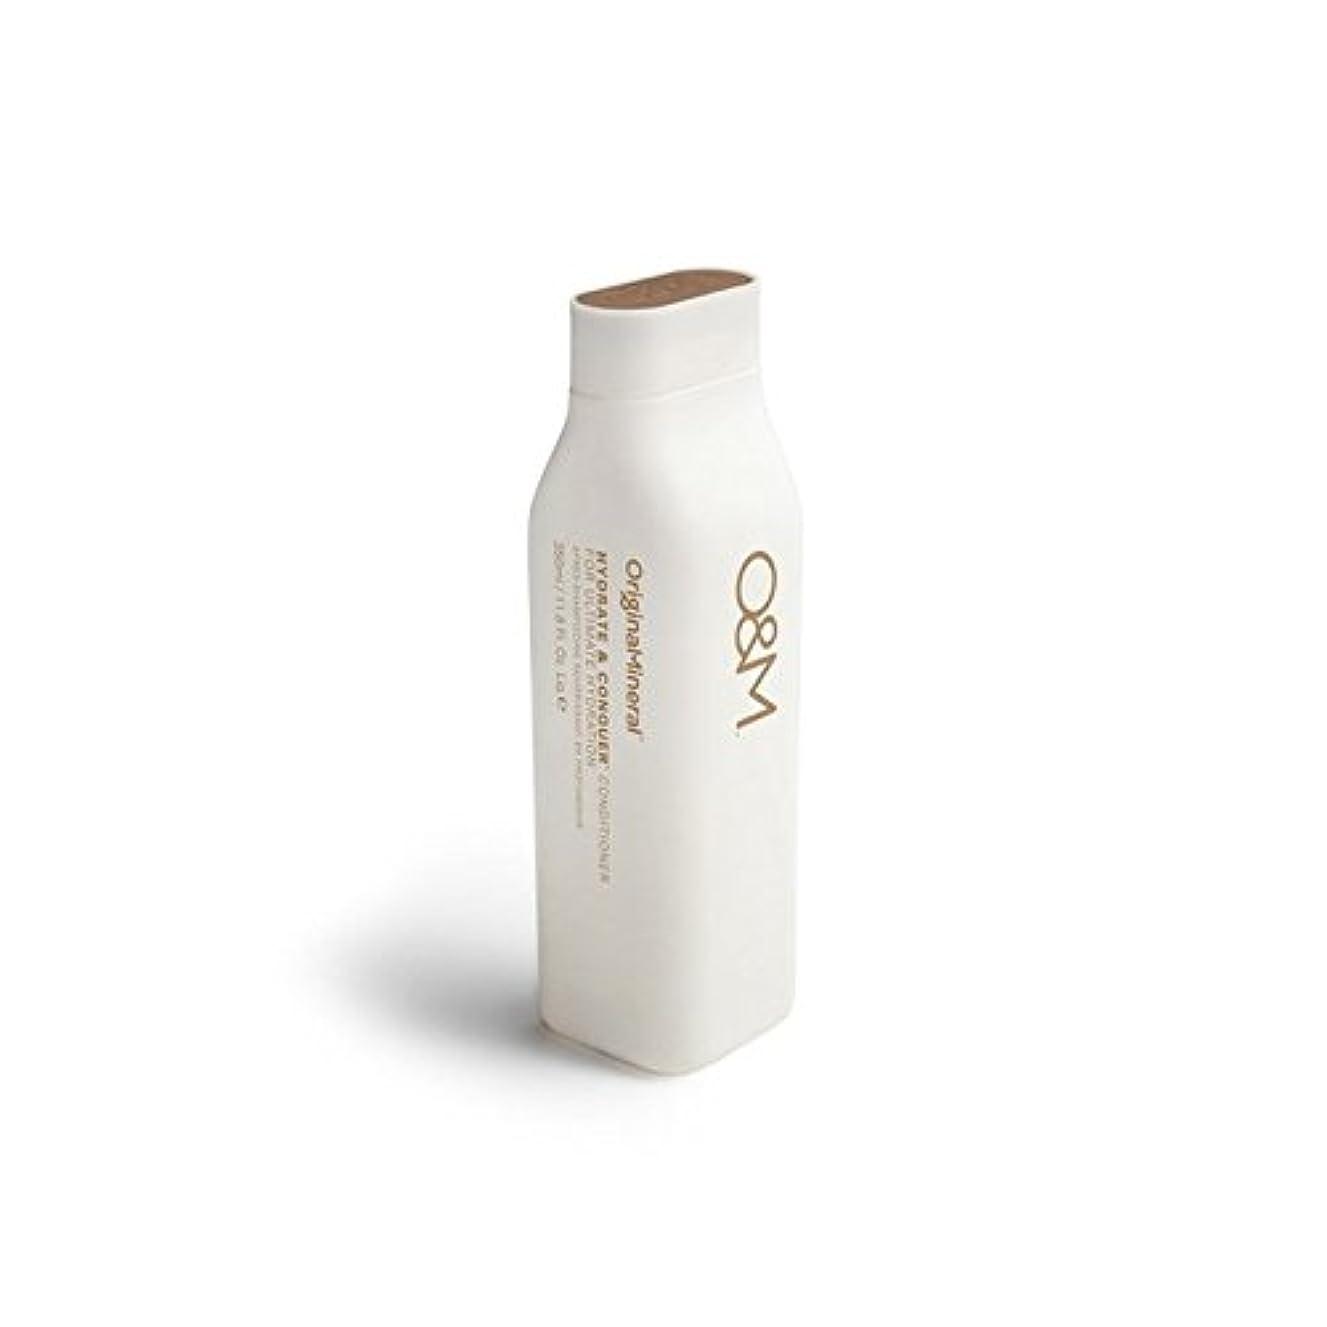 ランチョン震えるクックOriginal & Mineral Hydrate And Conquer Conditioner (350ml) - オリジナル&ミネラル水和物及びコンディショナー(350ミリリットル)を征服 [並行輸入品]